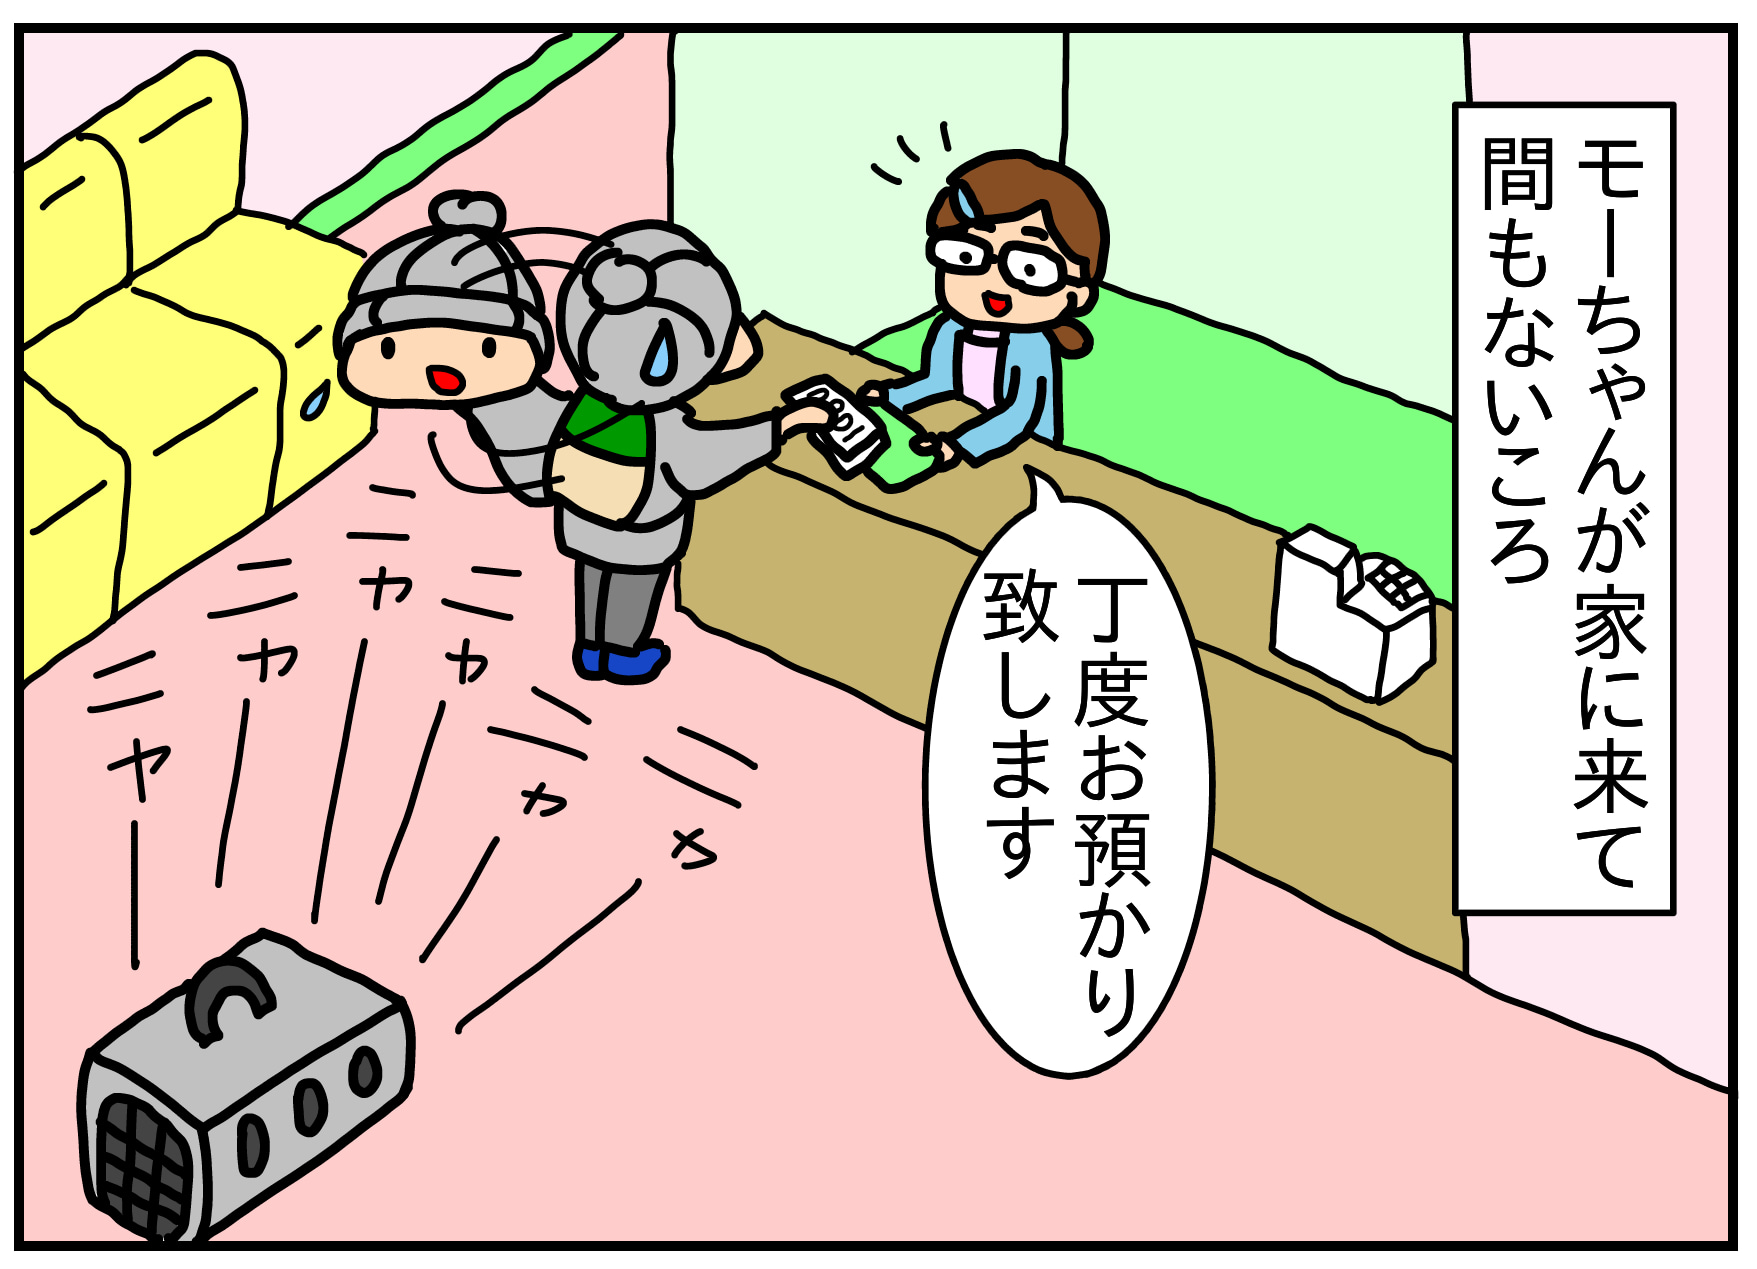 モーちゃんはおしゃべりさん【マンガ】 | 英語の勉強に工作、イラスト ...